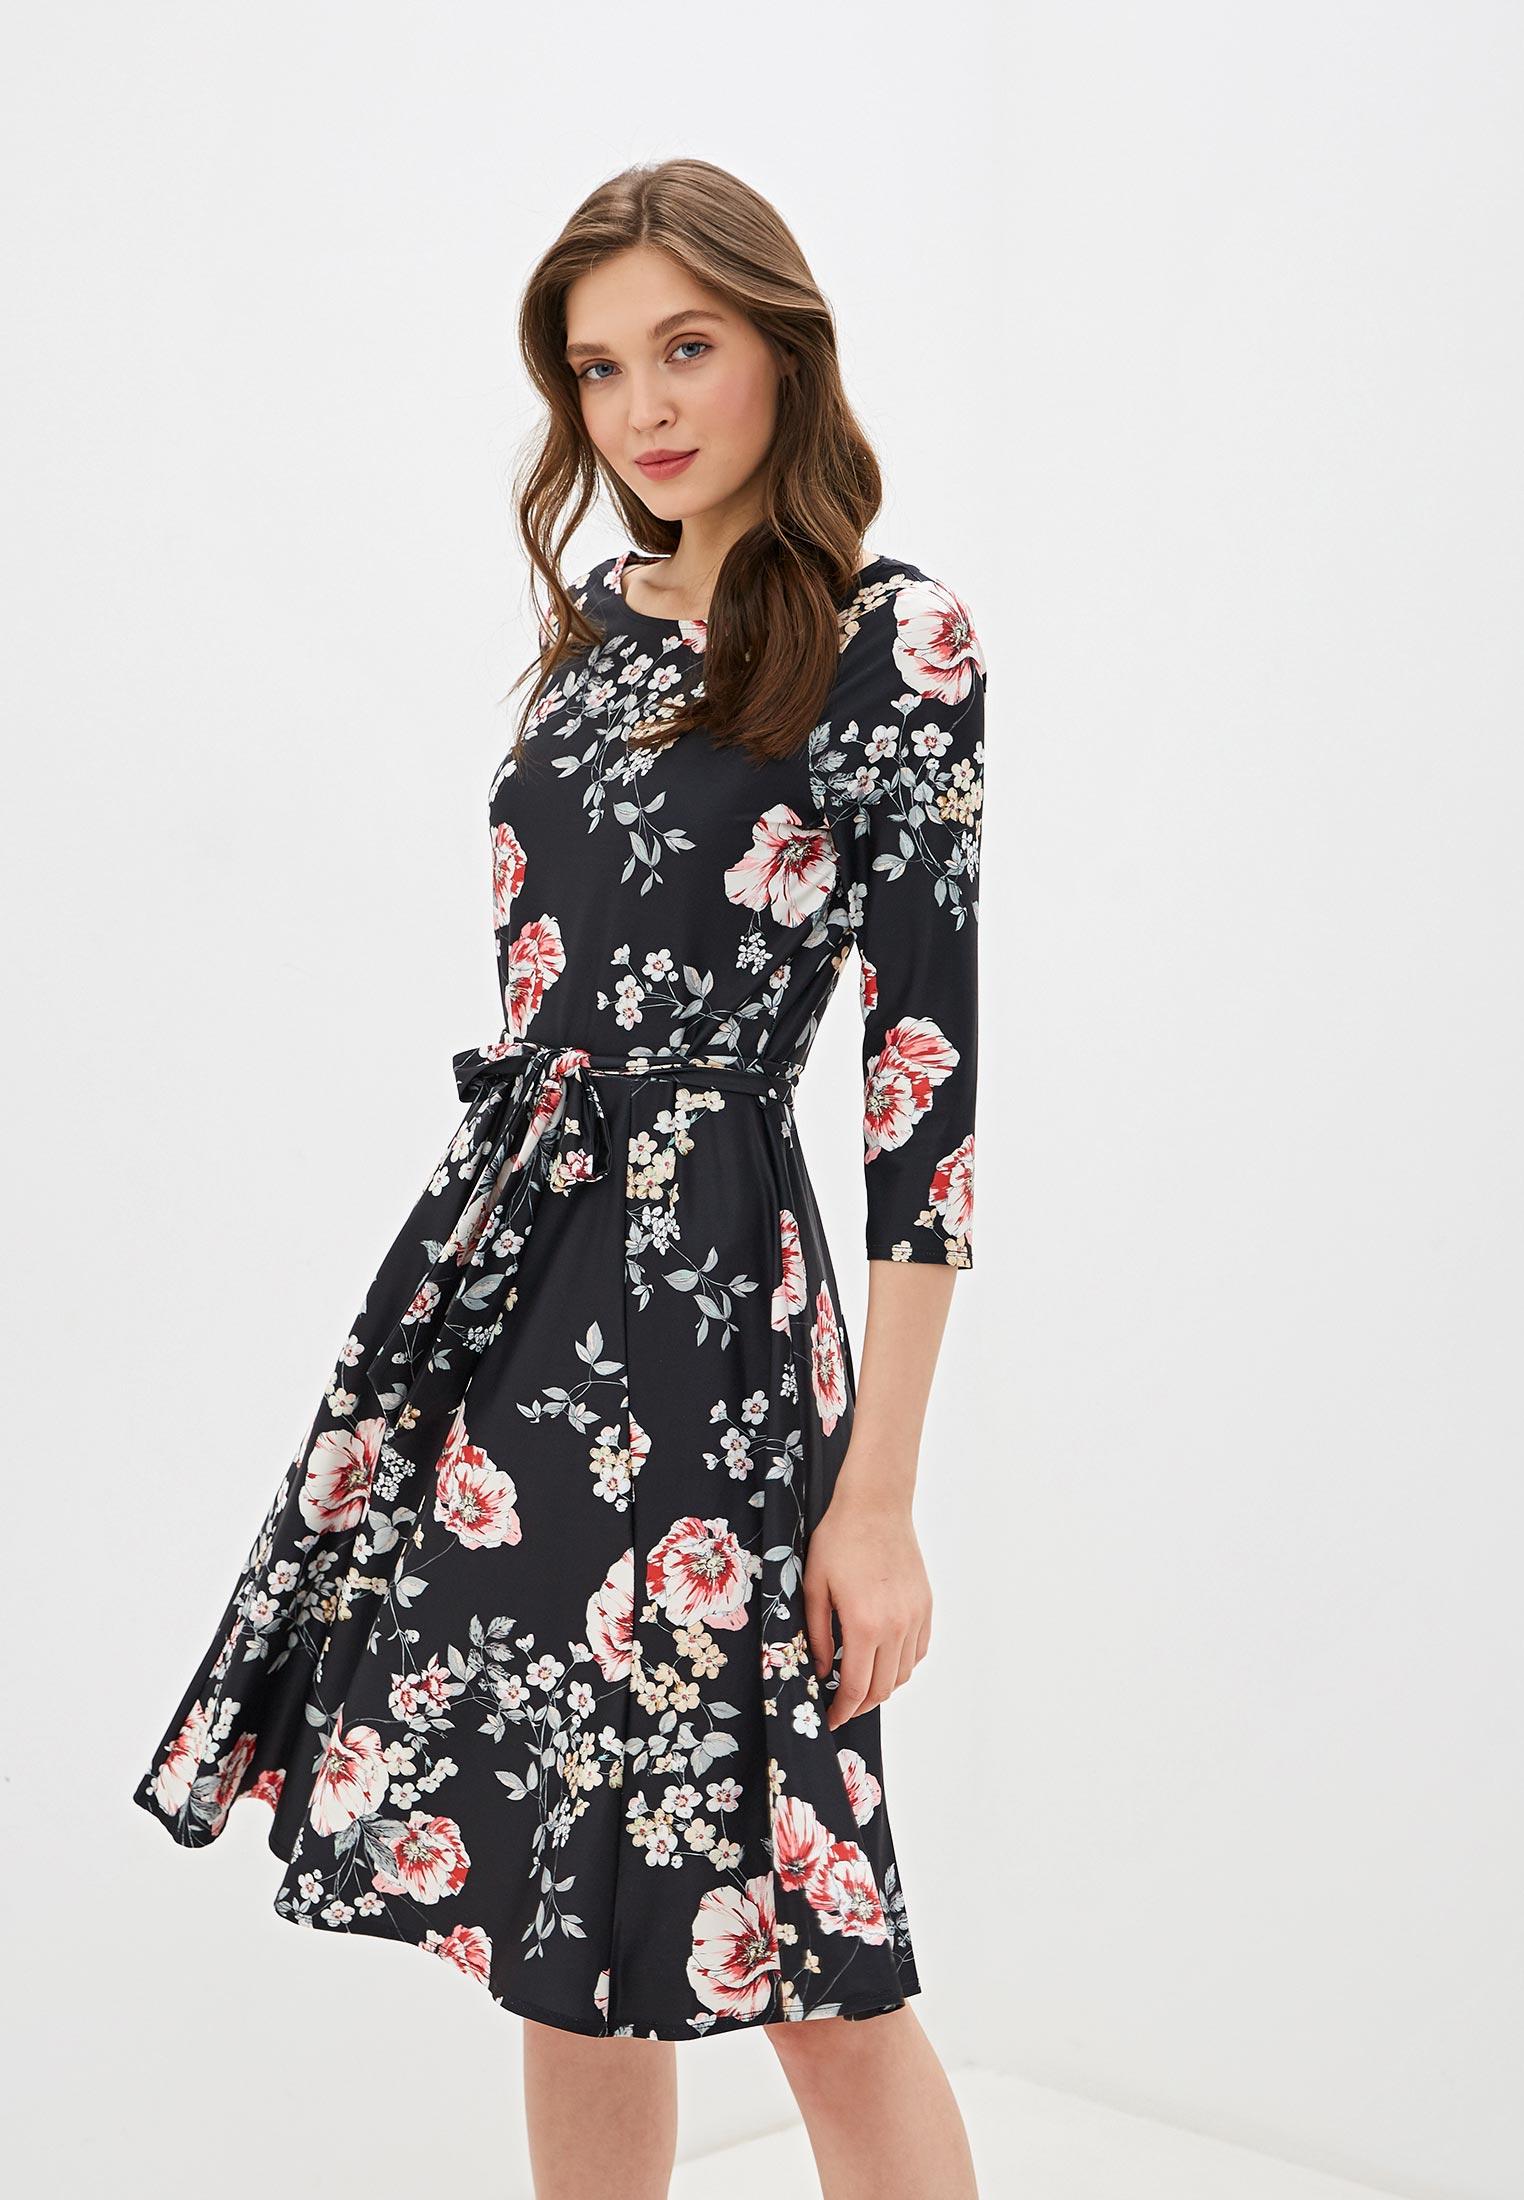 образцы платья с картинками имеет хорошие